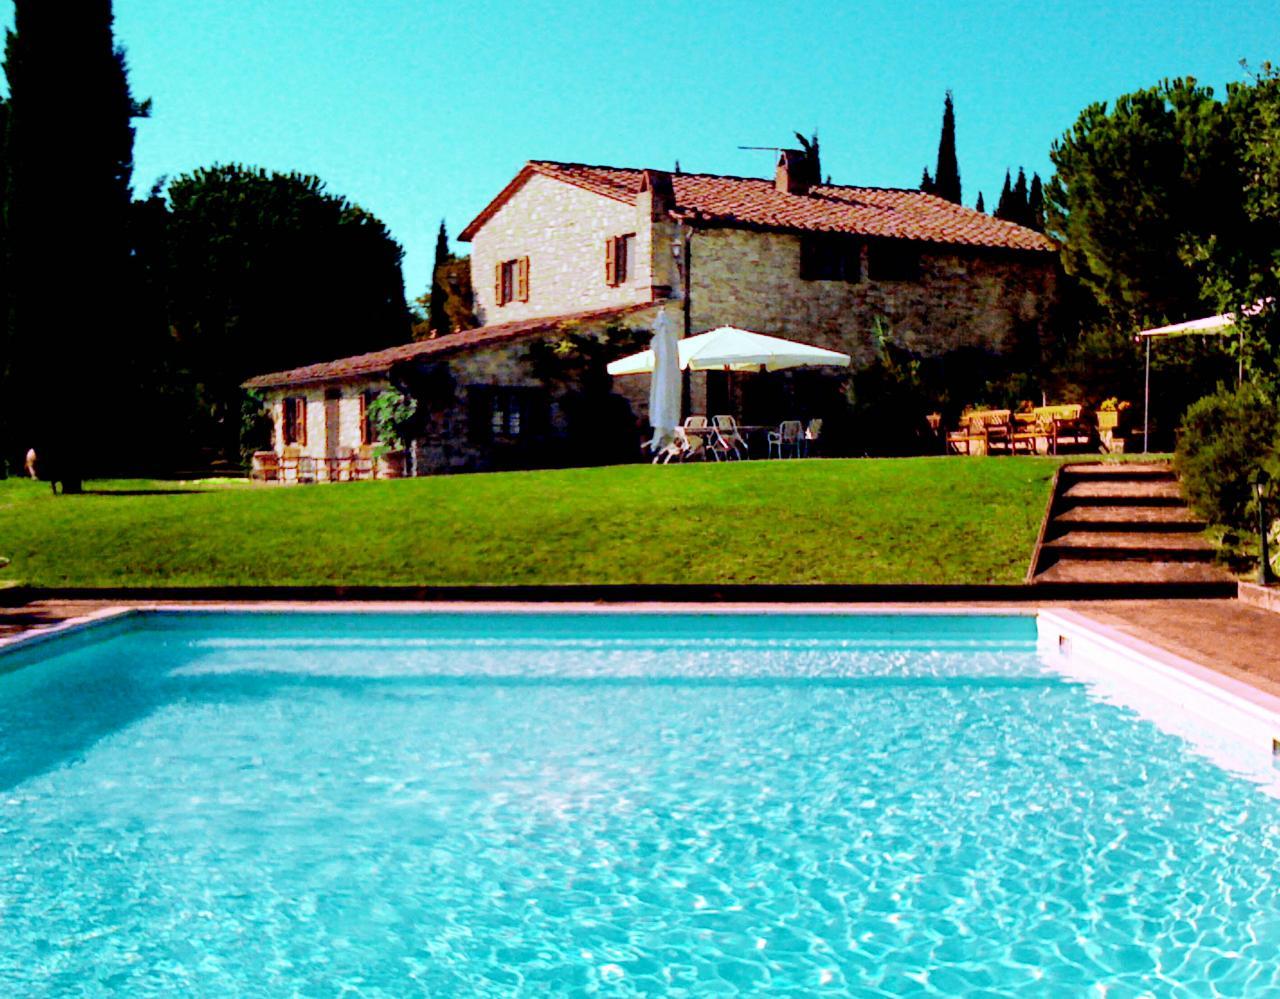 Rustico / Casale in vendita a Radda in Chianti, 18 locali, prezzo € 2.900.000 | Cambio Casa.it